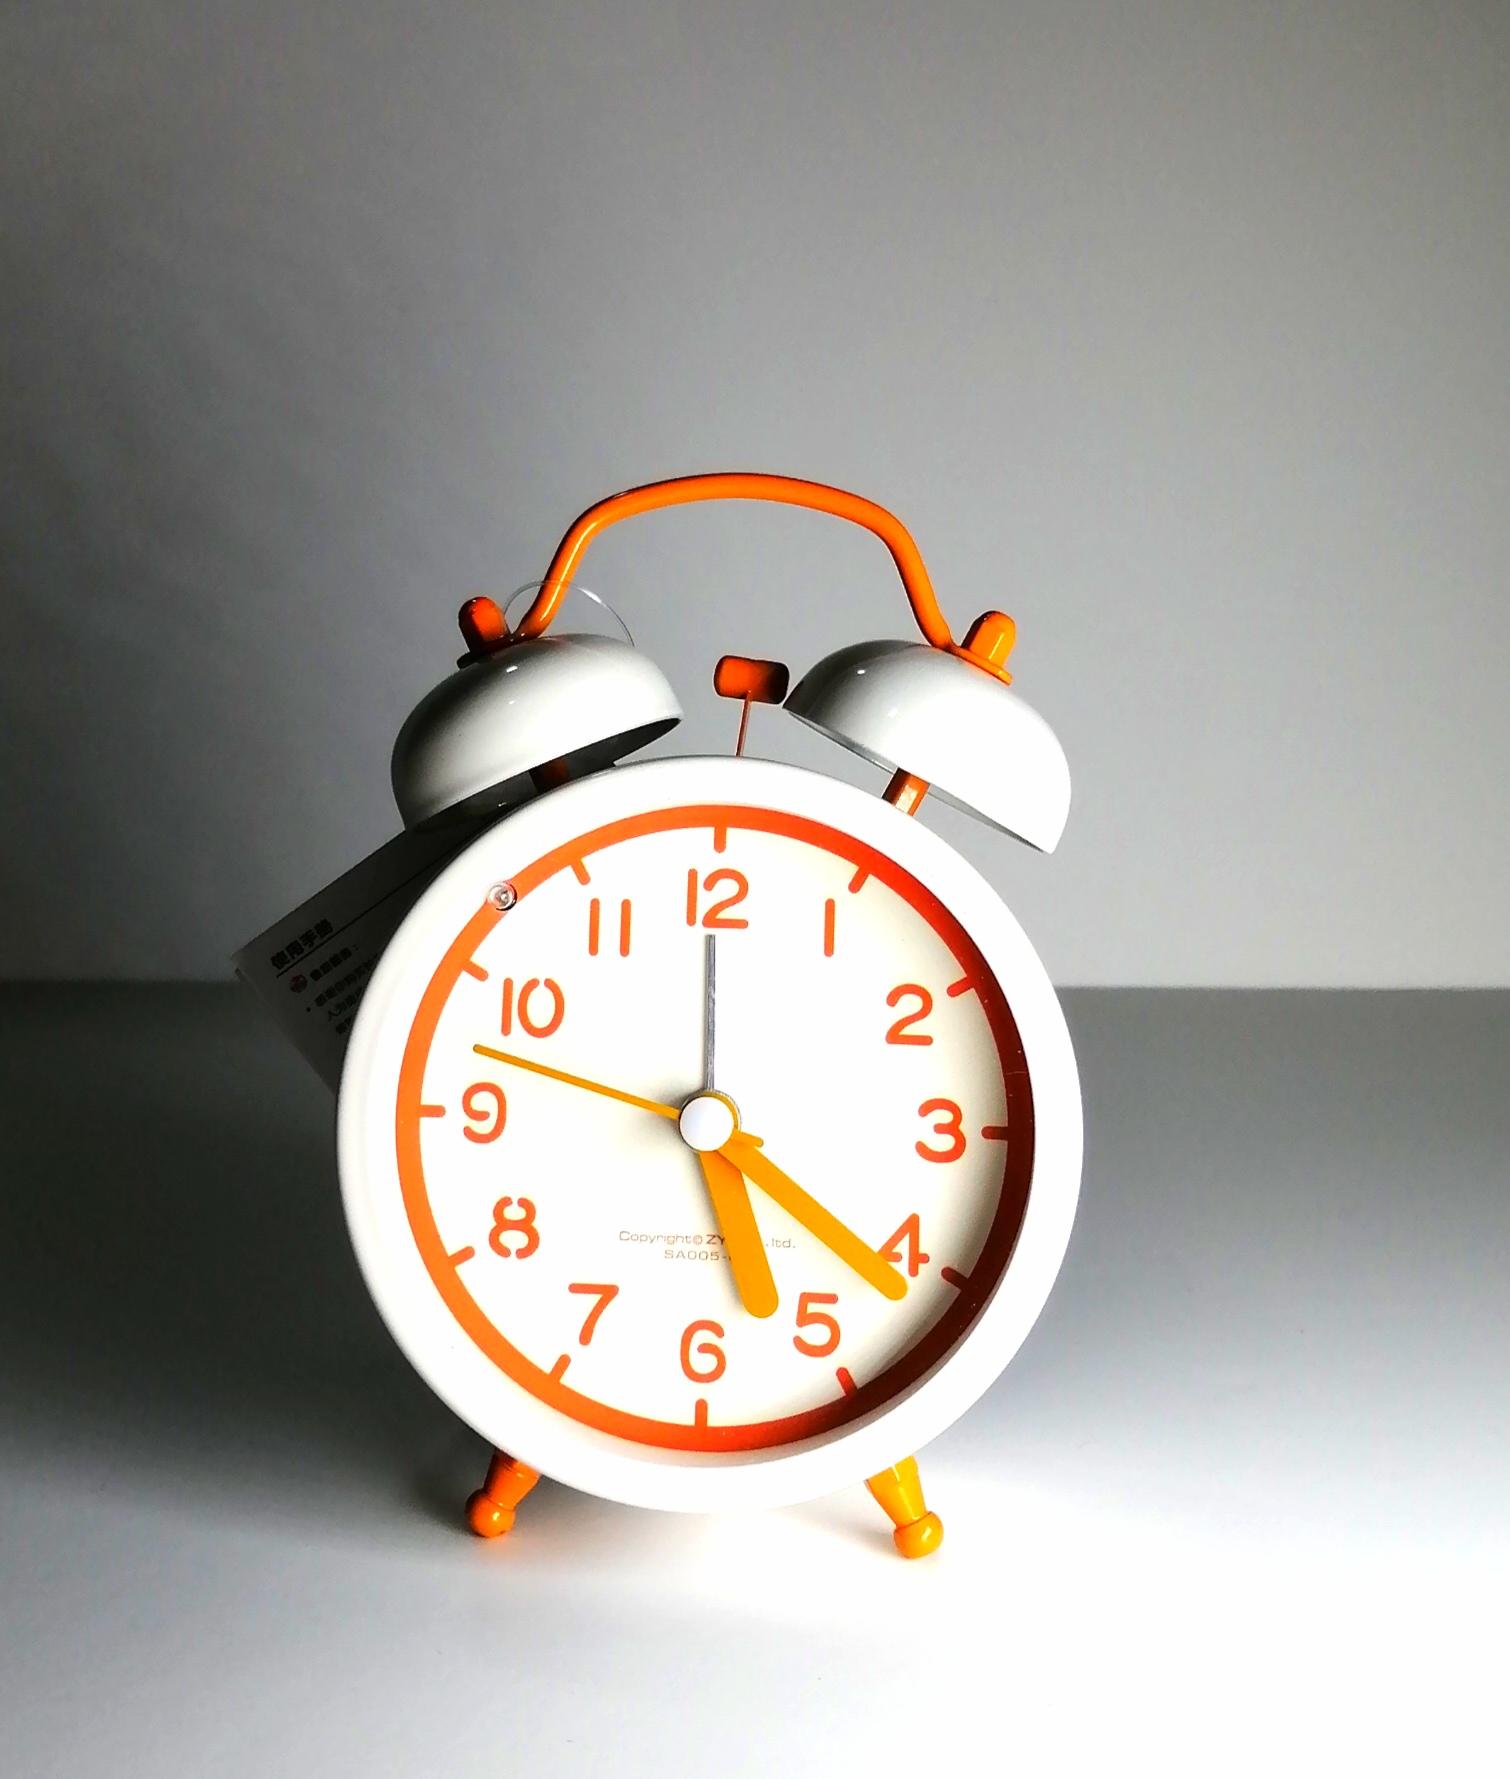 ساعت شماطه دار سایز کوچک